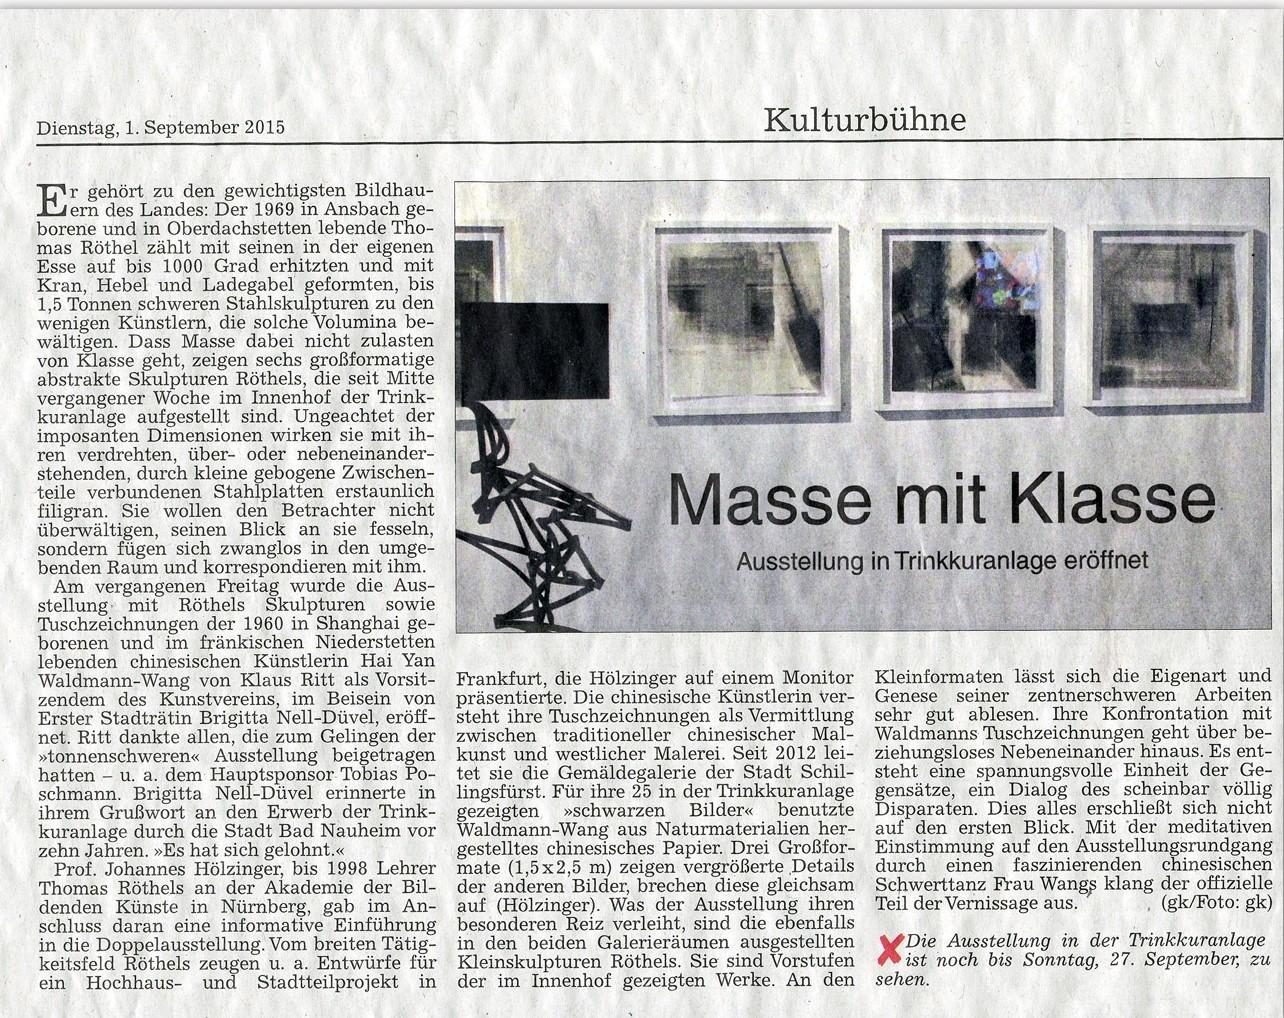 2015 Galerie in der Trinkkuranlage Kunstverein Bad Nauheim